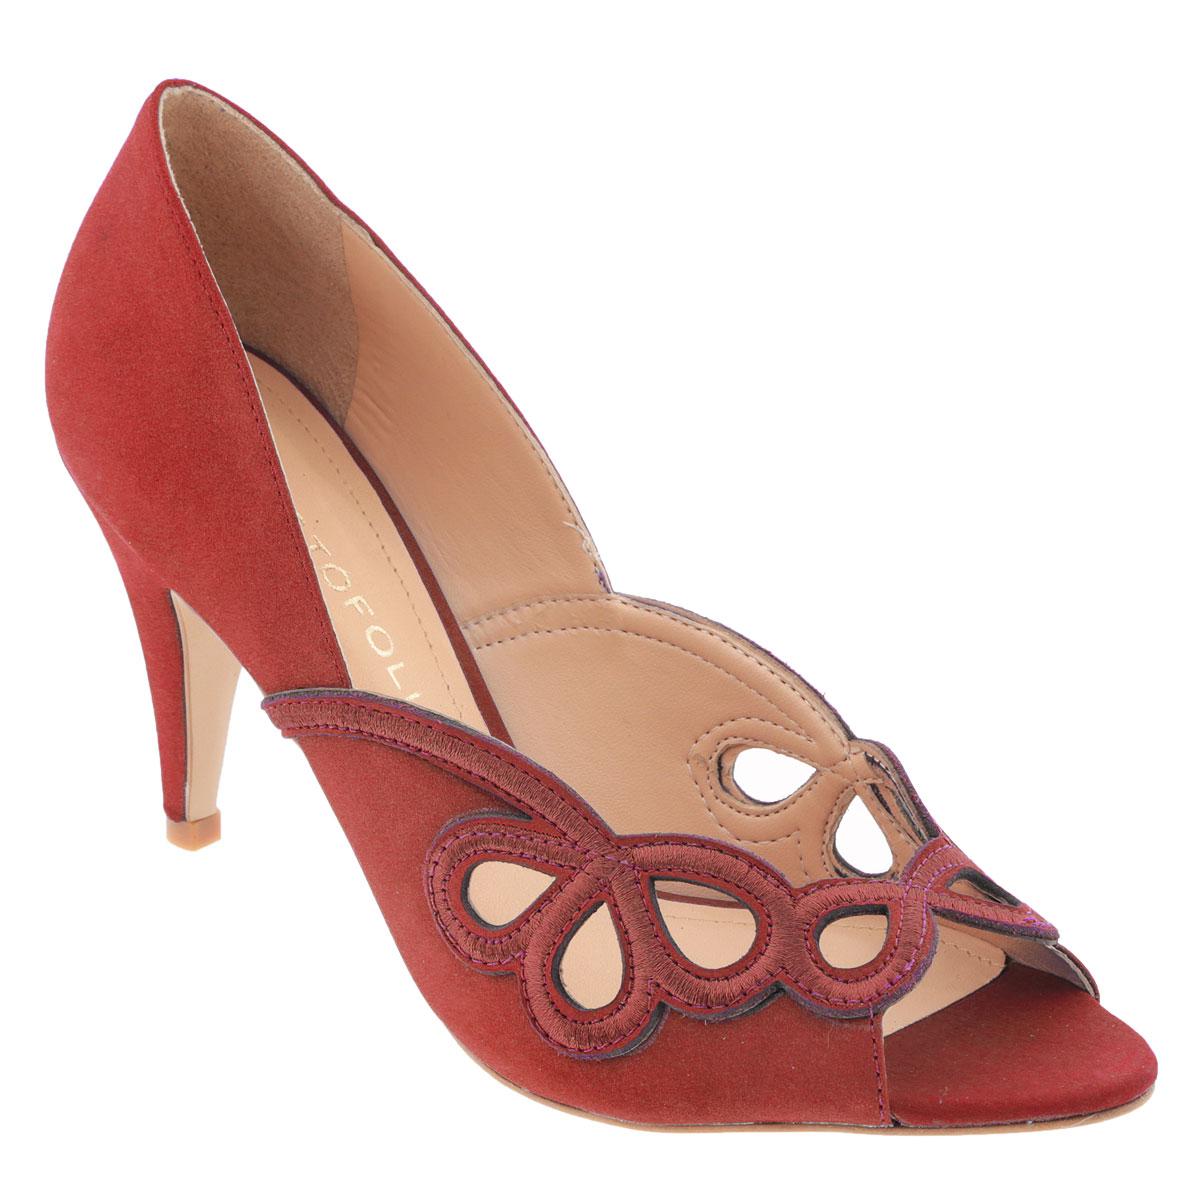 Туфли женские Cristofoli, цвет: морковный. 150417. Размер BRA 34 (35)150417Модные туфли от Cristofoli эффектно дополнят ваш летний образ.Модель выполнена из натуральной высококачественной кожи и оформлена перфорированным узором. Перфорация обеспечивает отличную вентиляцию, позволяет вашим ногам дышать. Открытый носок смотрится невероятно элегантно. Мягкая стелька из натуральной кожи комфортна при ходьбе. Рифленая поверхность подошвы защищает изделие от скольжения.Стильные туфли не оставят равнодушной настоящую модницу!